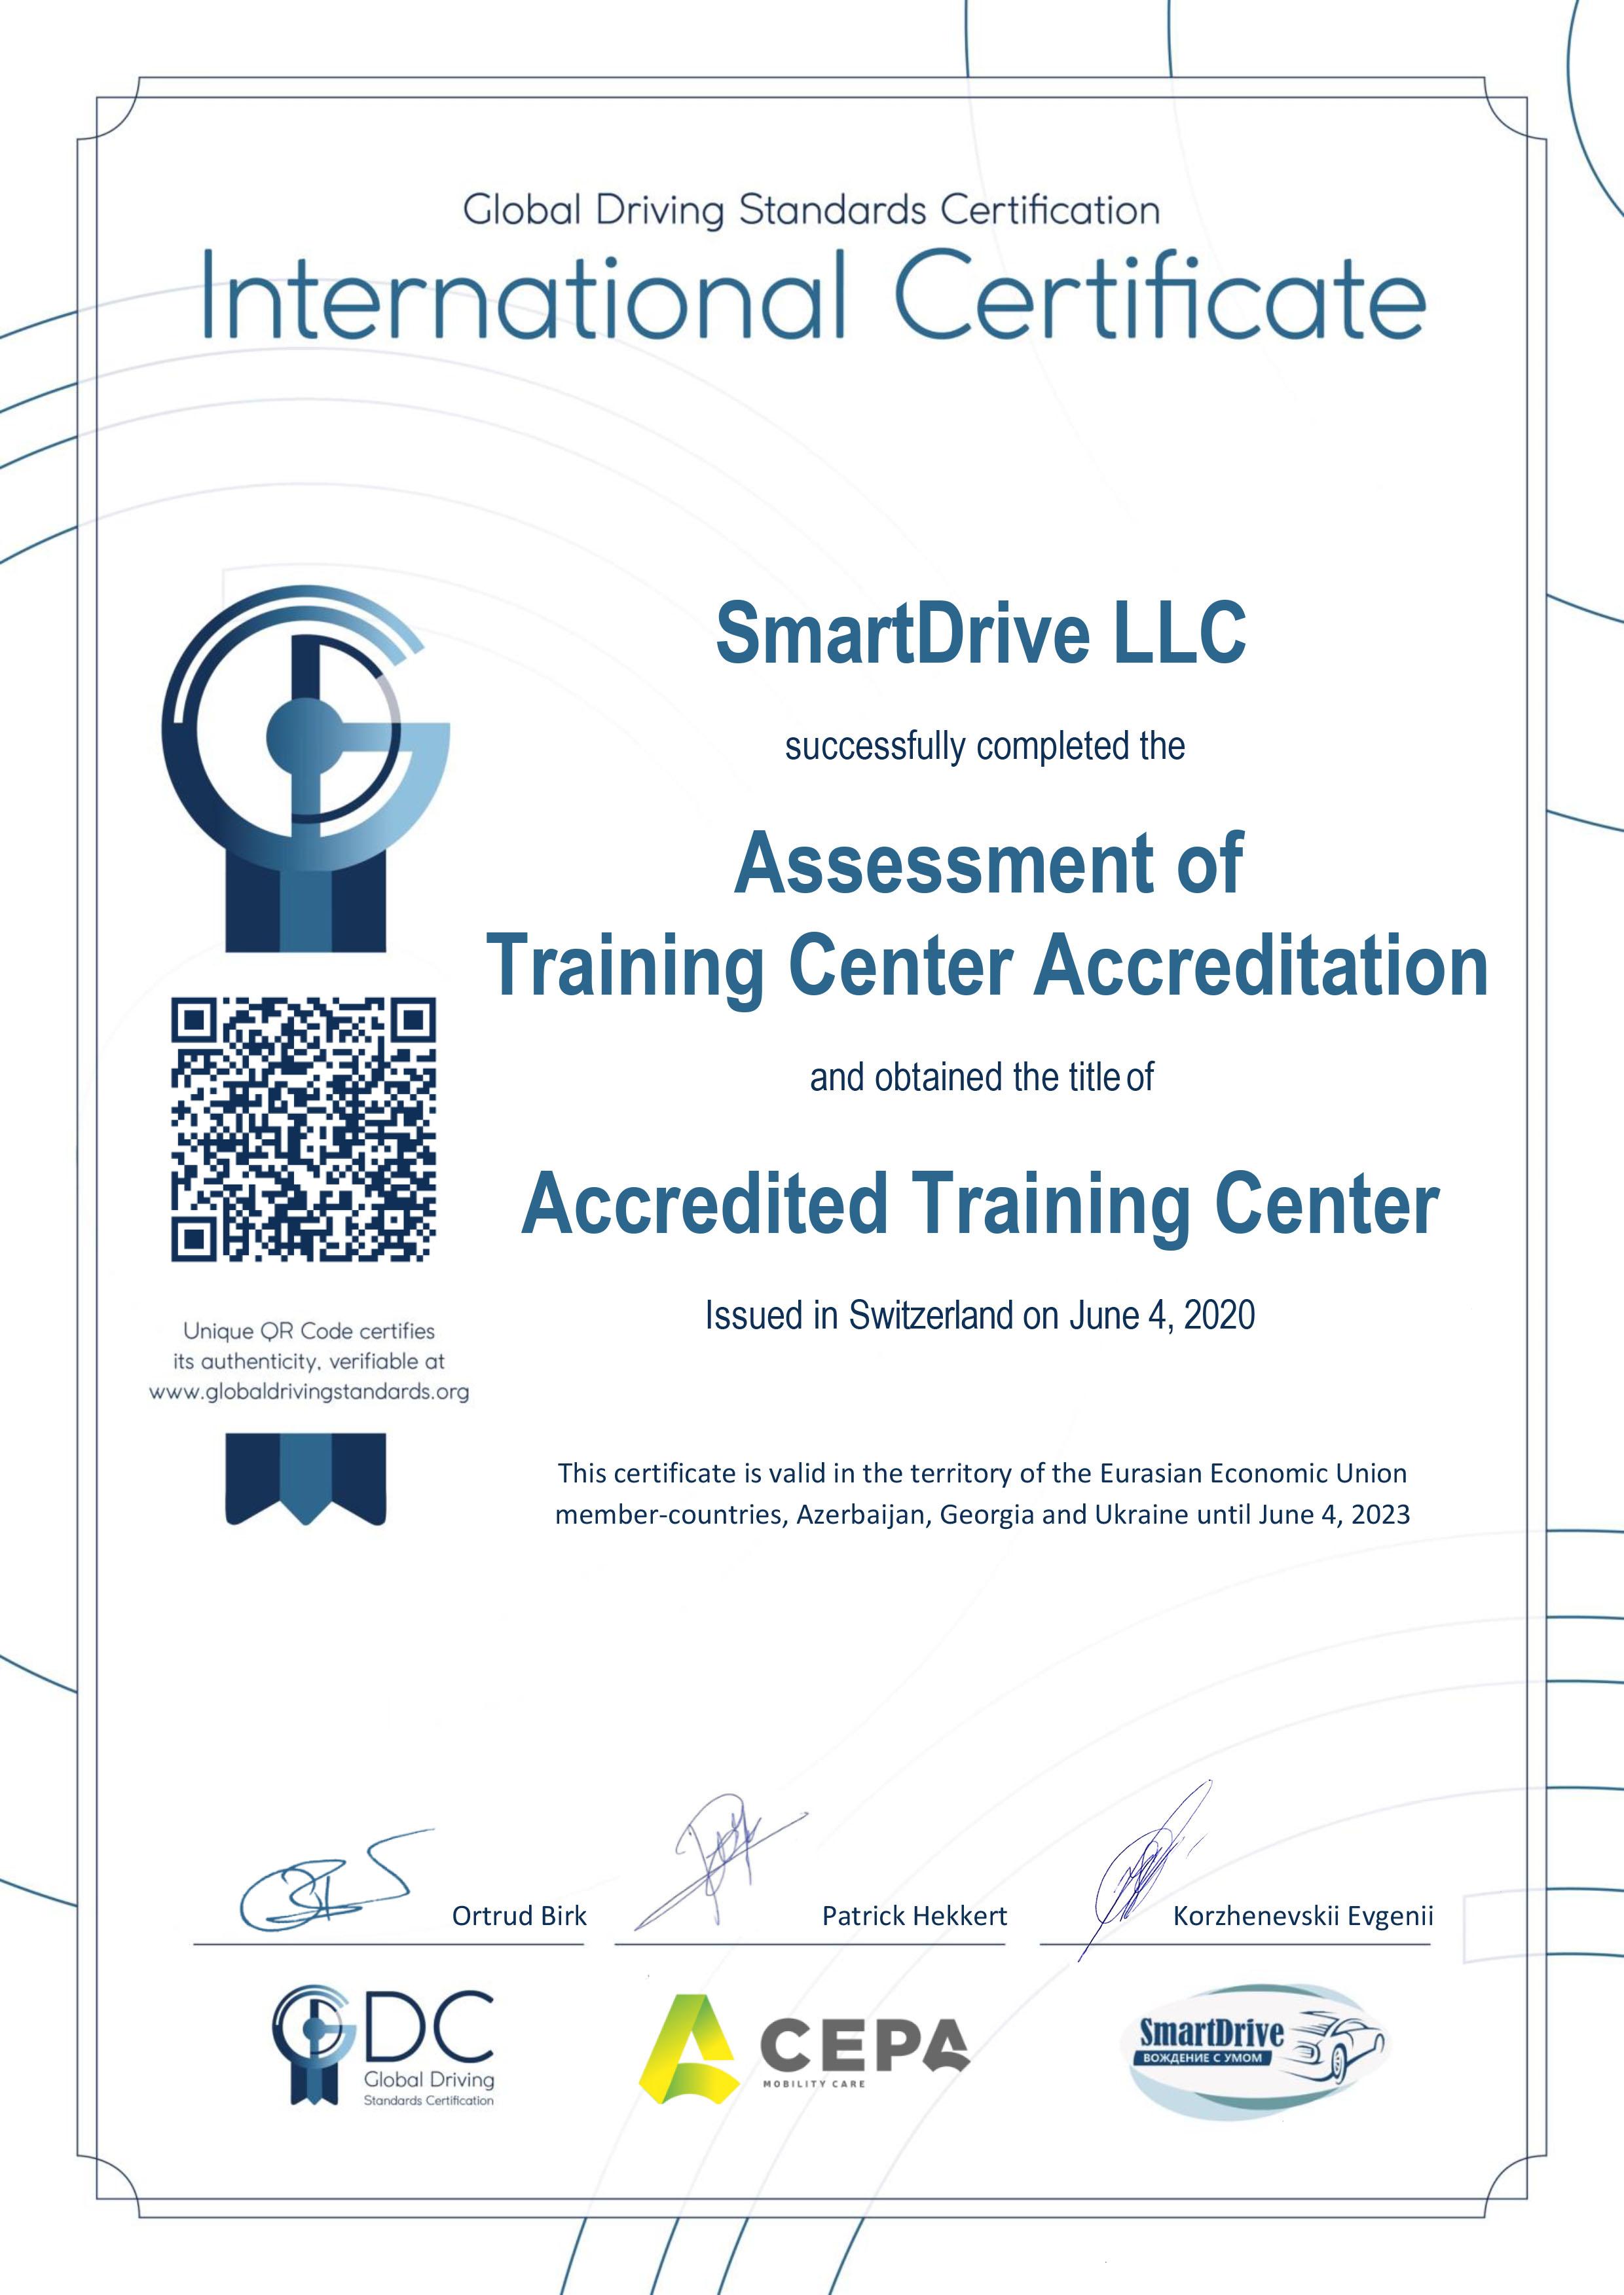 Сертификат на соответствие международным стандартам качества GDC